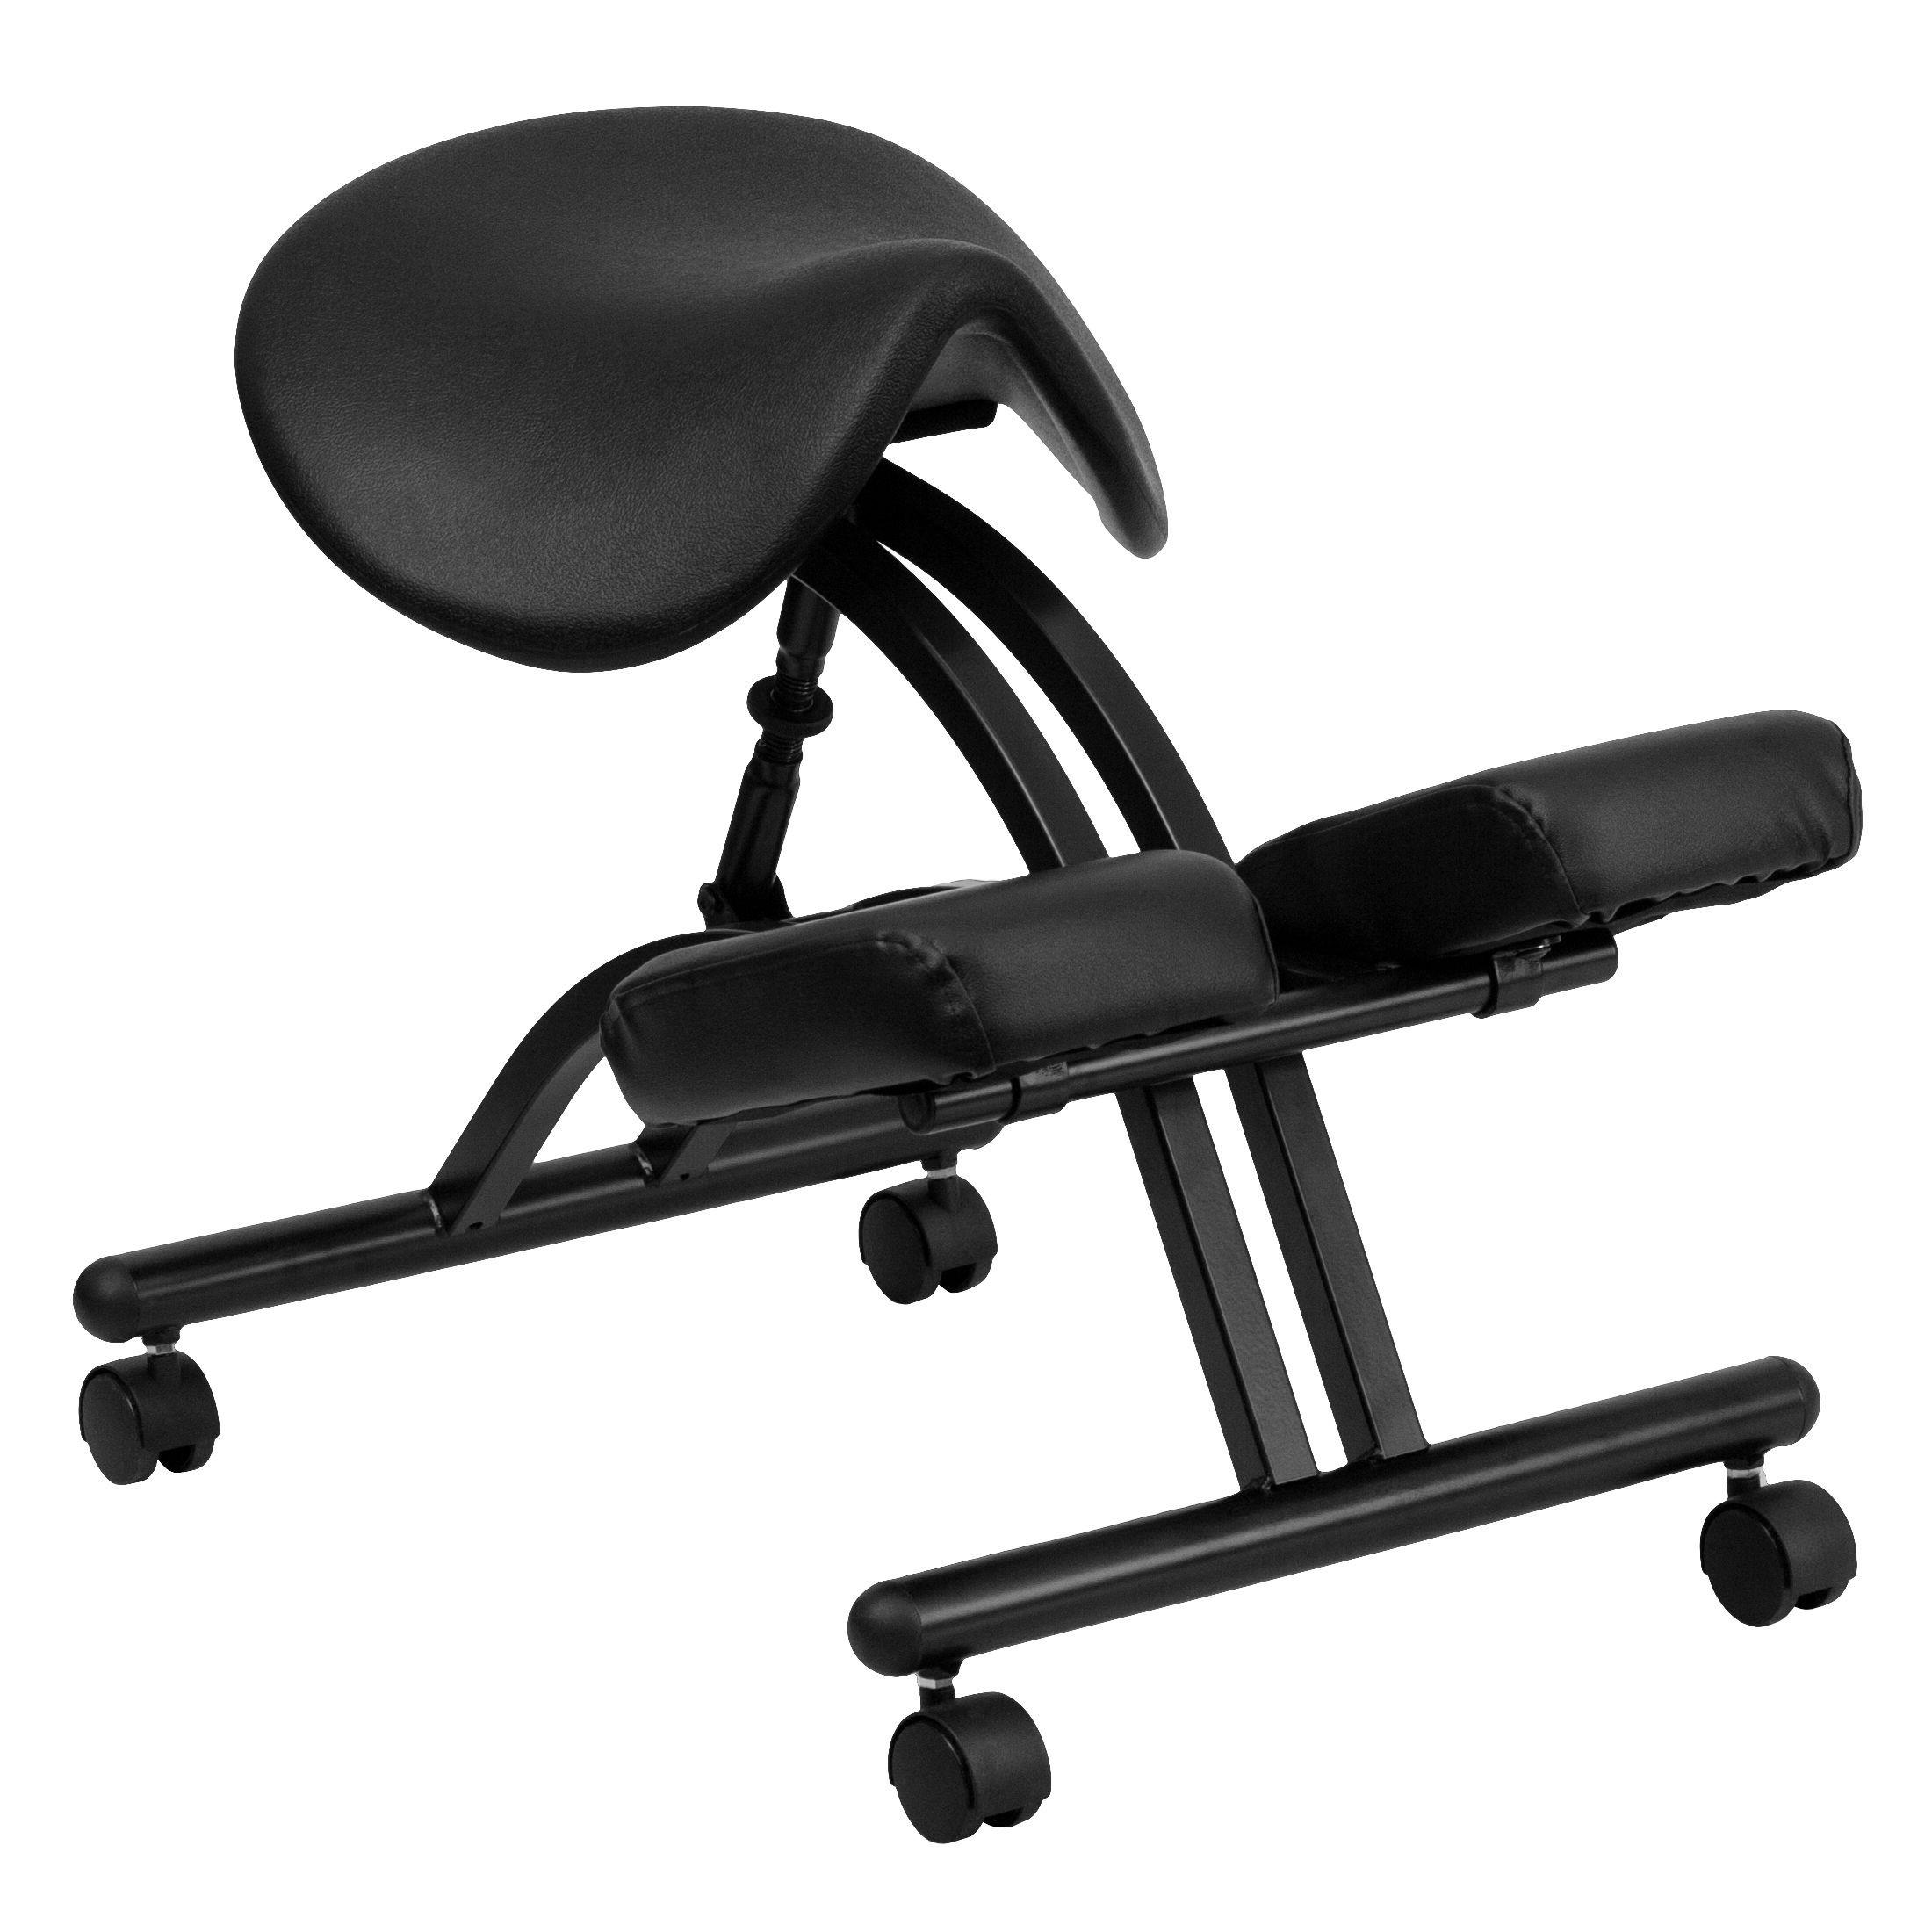 Flash Furniture WL-1421-GG Ergonomic Kneeling Chair with Black Saddle Seat